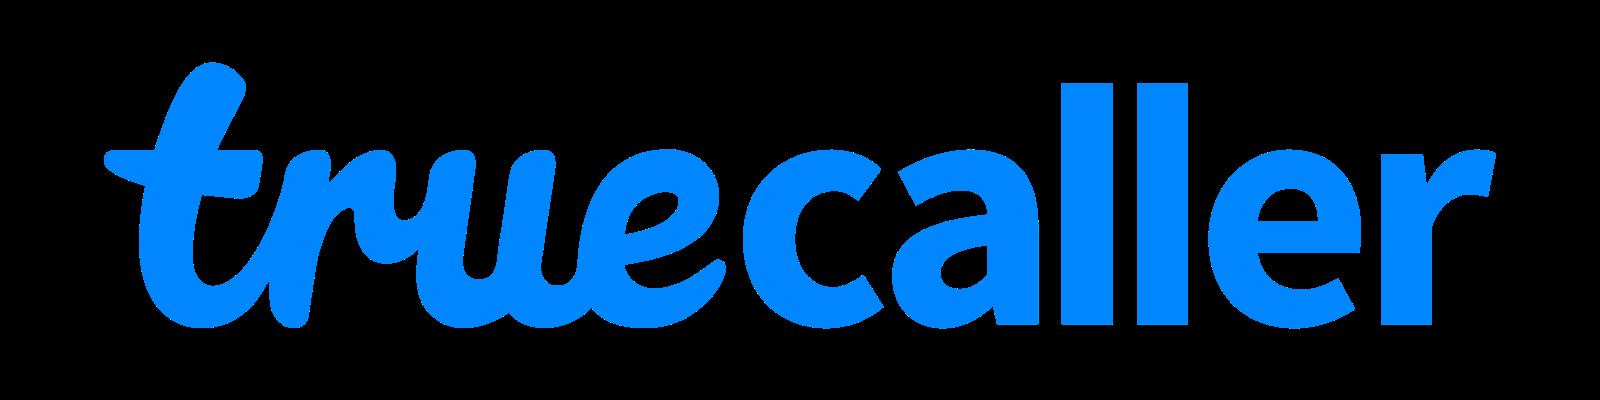 truecaller_logo_blue.png